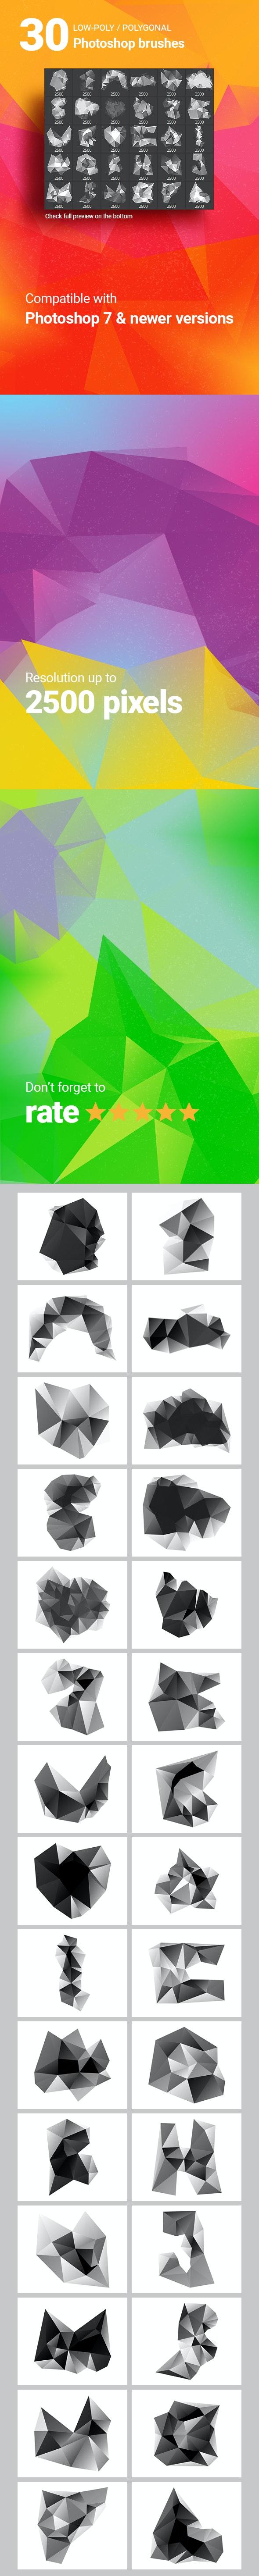 30 Low-Poly / Polygonal / Geometrical Photoshop Brushes #5 - Brushes Photoshop